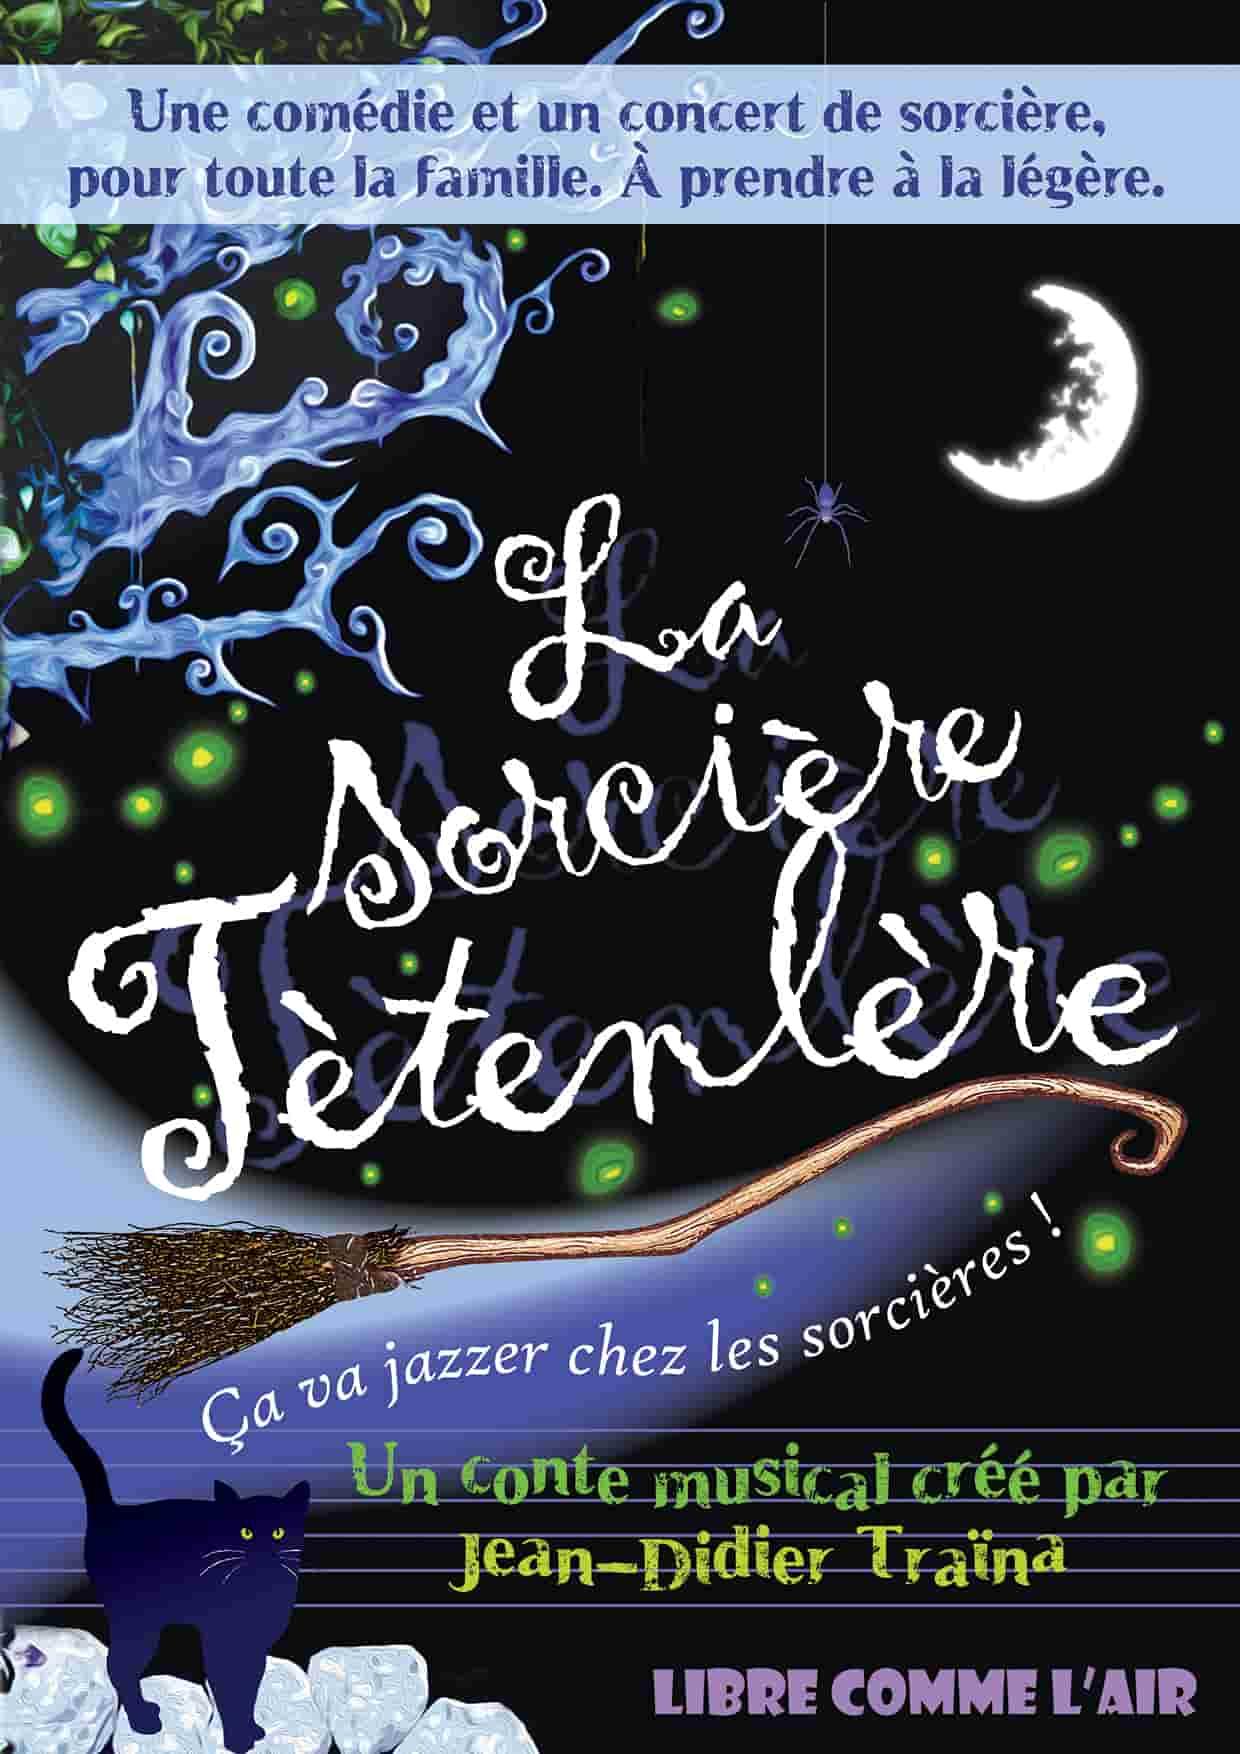 La sorcière Tetenlere - Spectacle enfant - Théâtre - L'Art Dû - Marseille - Jeune Public - 13006